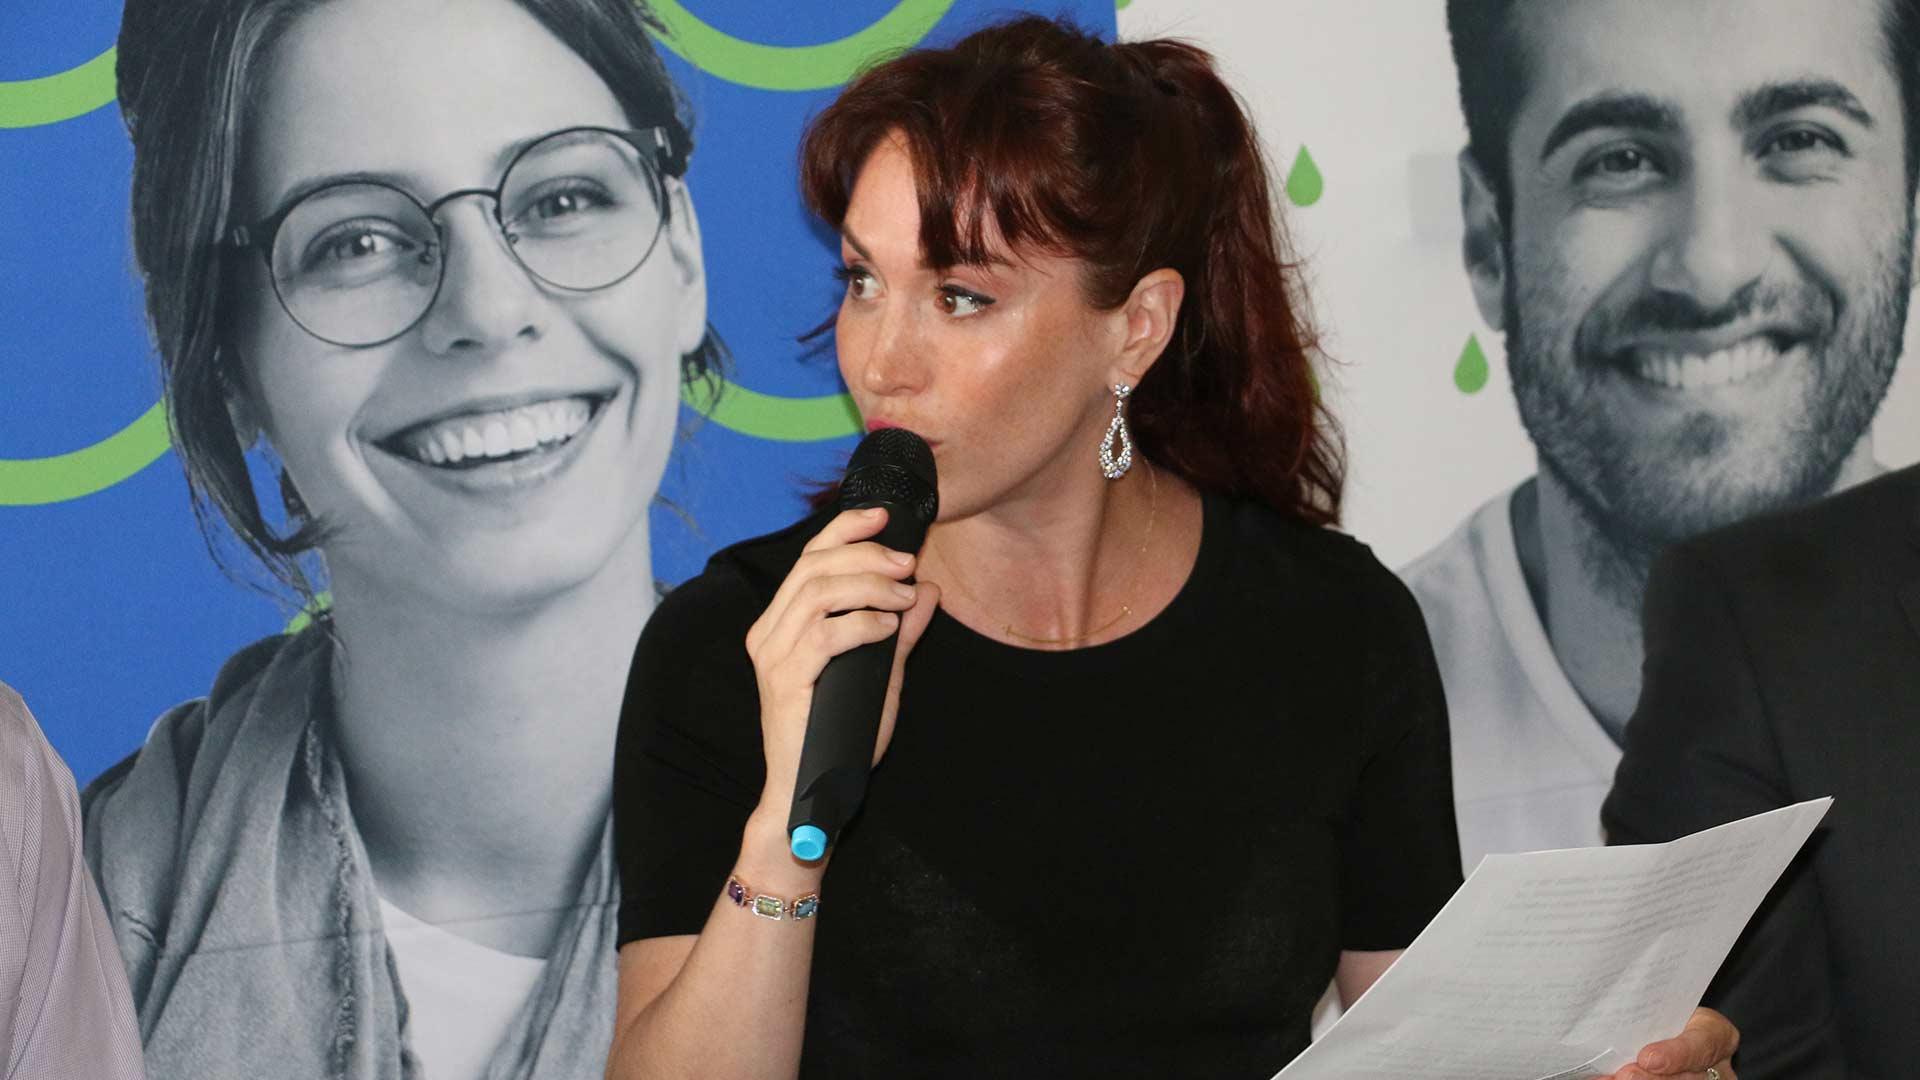 Paola Felix gob cdmx